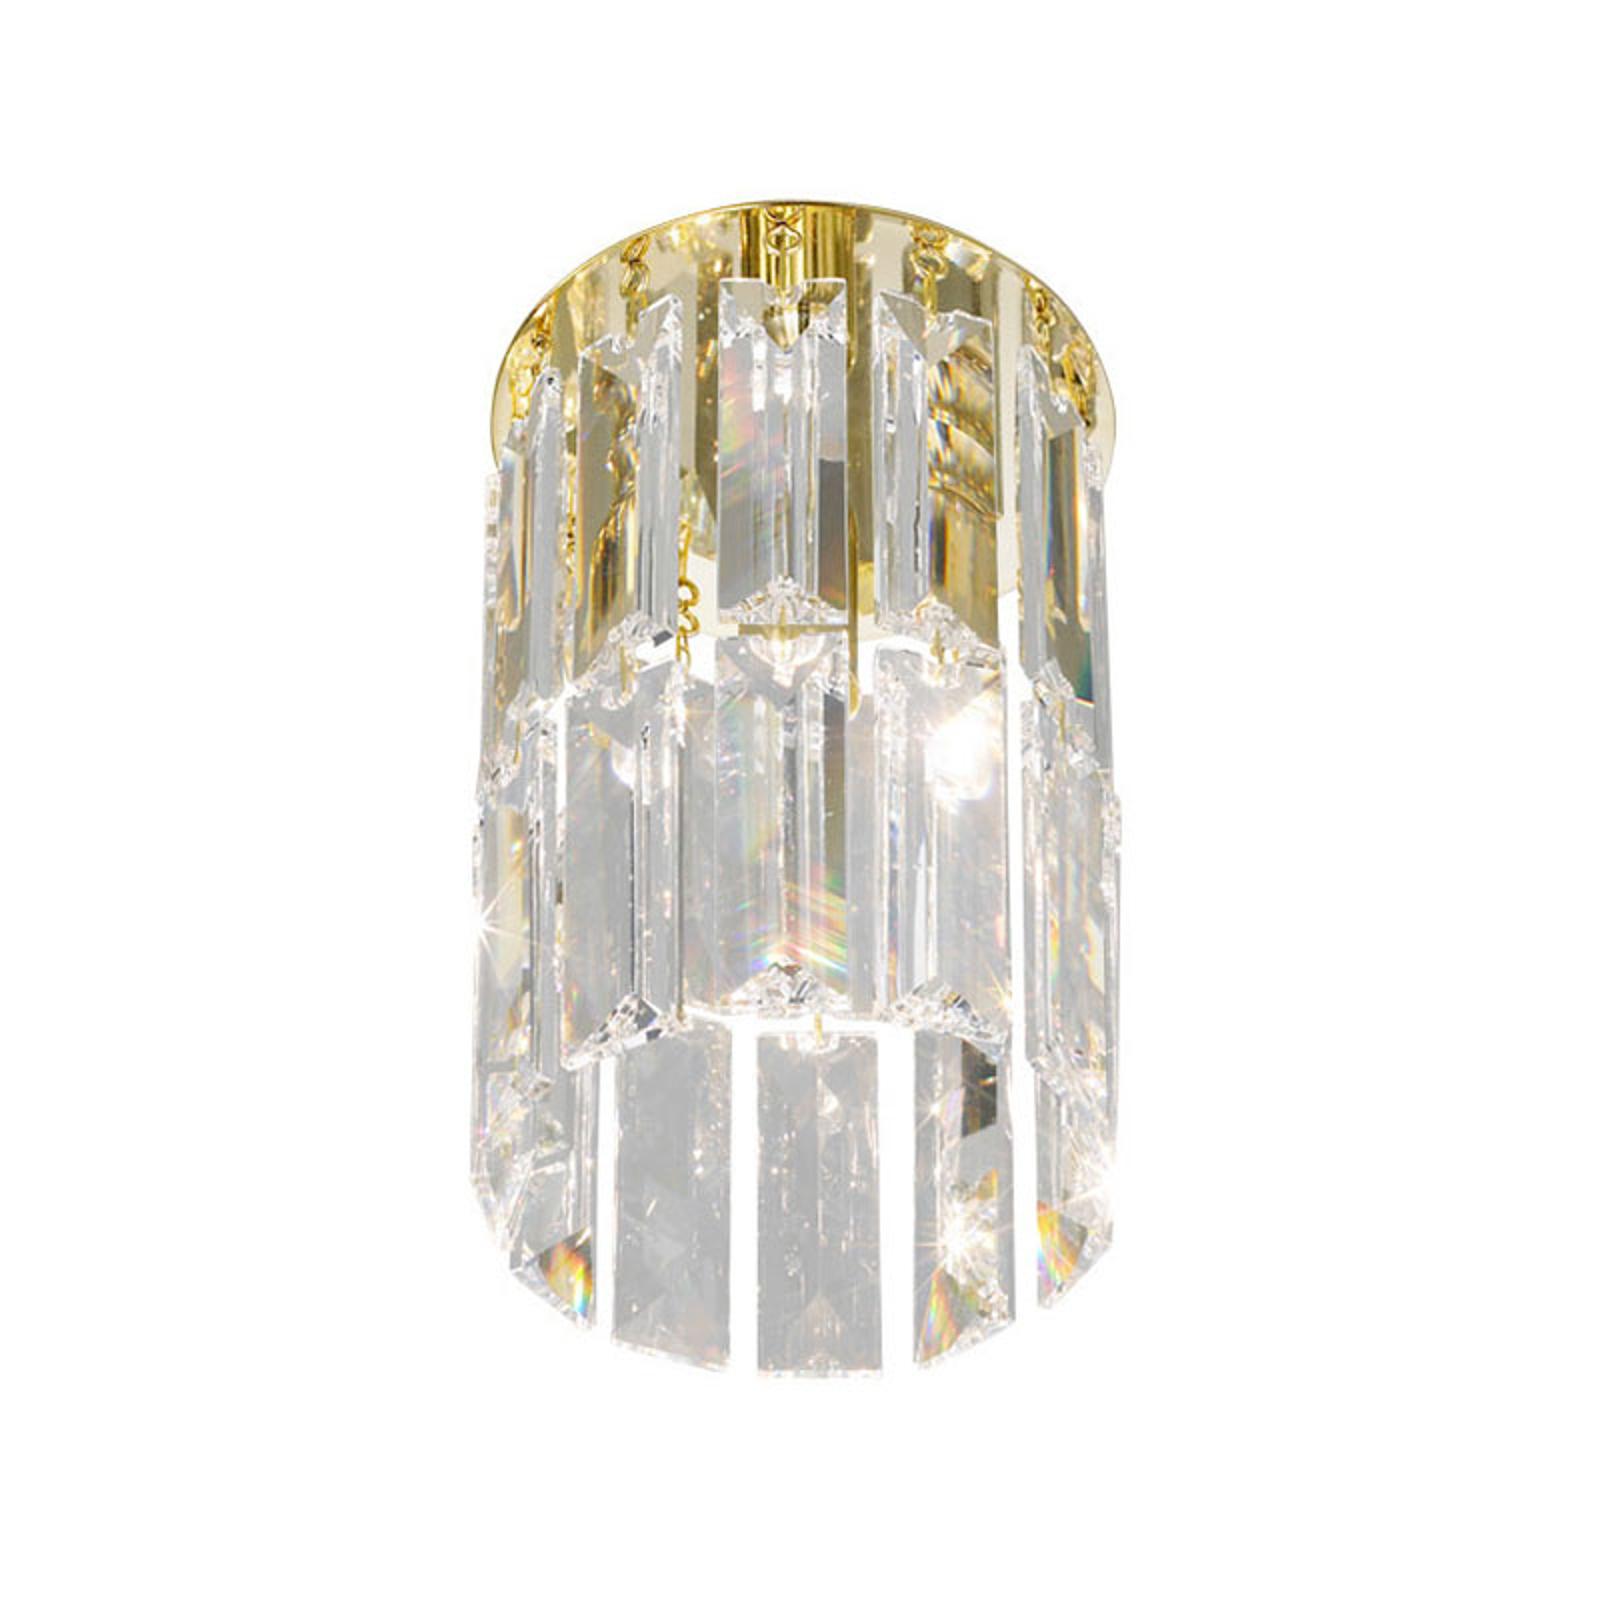 KOLARZ Prisma stropní světlo křišťál a zlato 24 kt